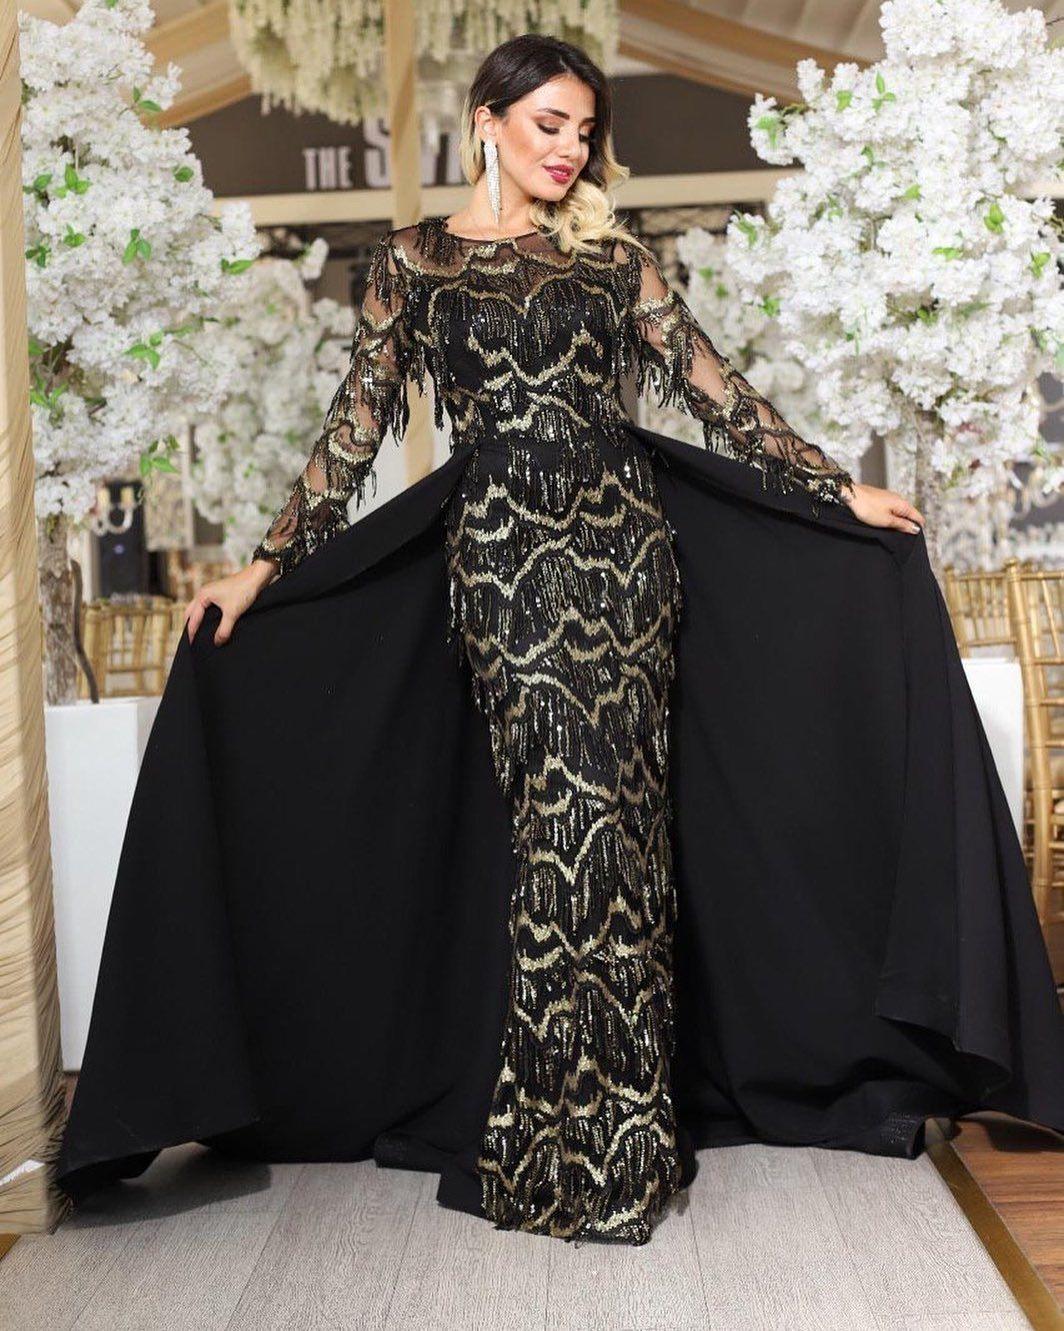 17 Coolste Abendkleider Salzburg SpezialgebietAbend Cool Abendkleider Salzburg Boutique